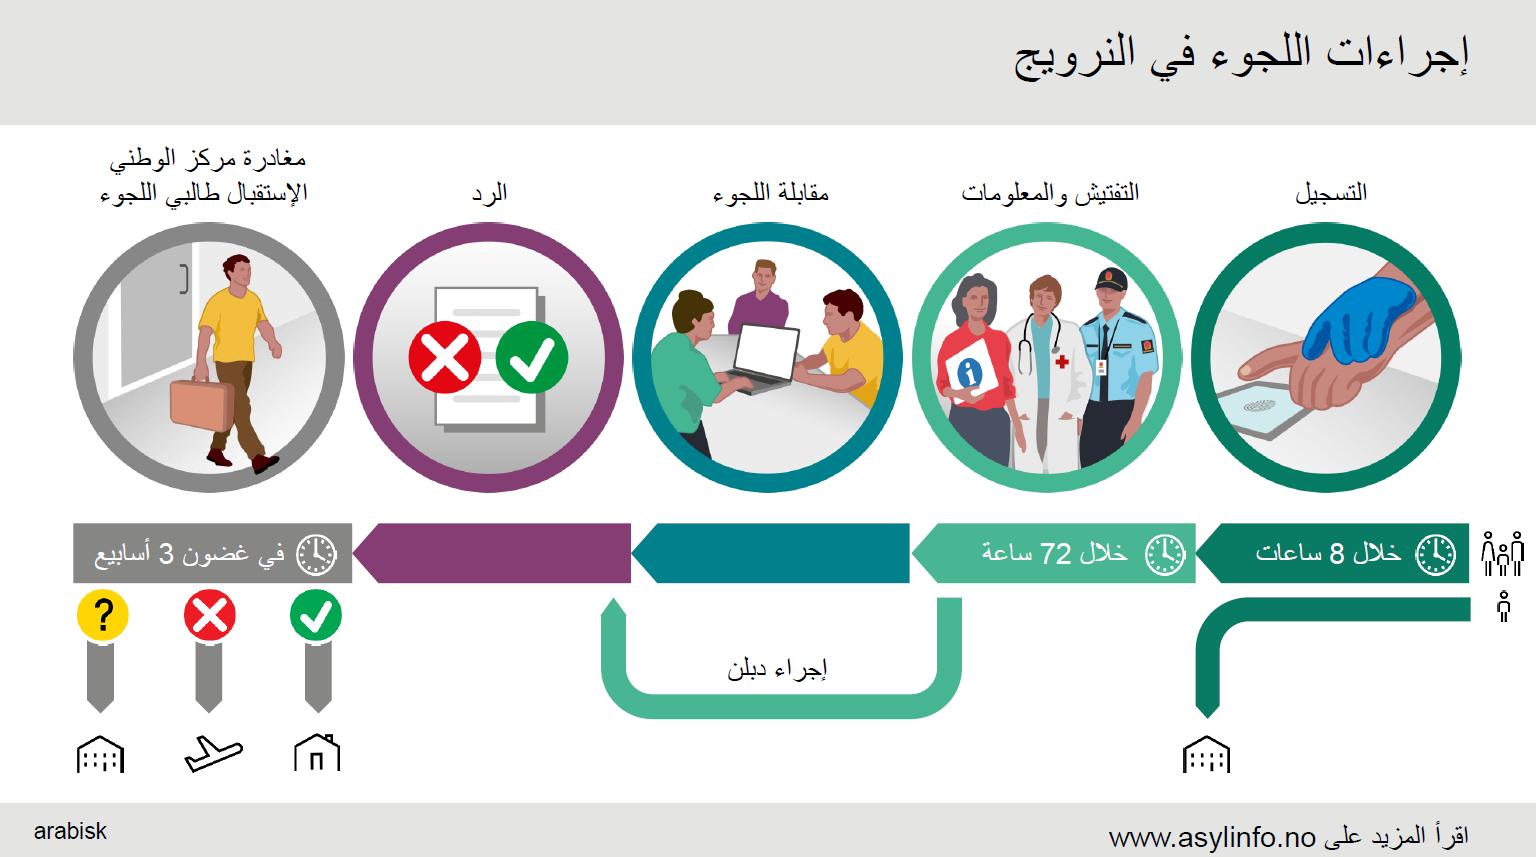 Asylprosessen arabisk